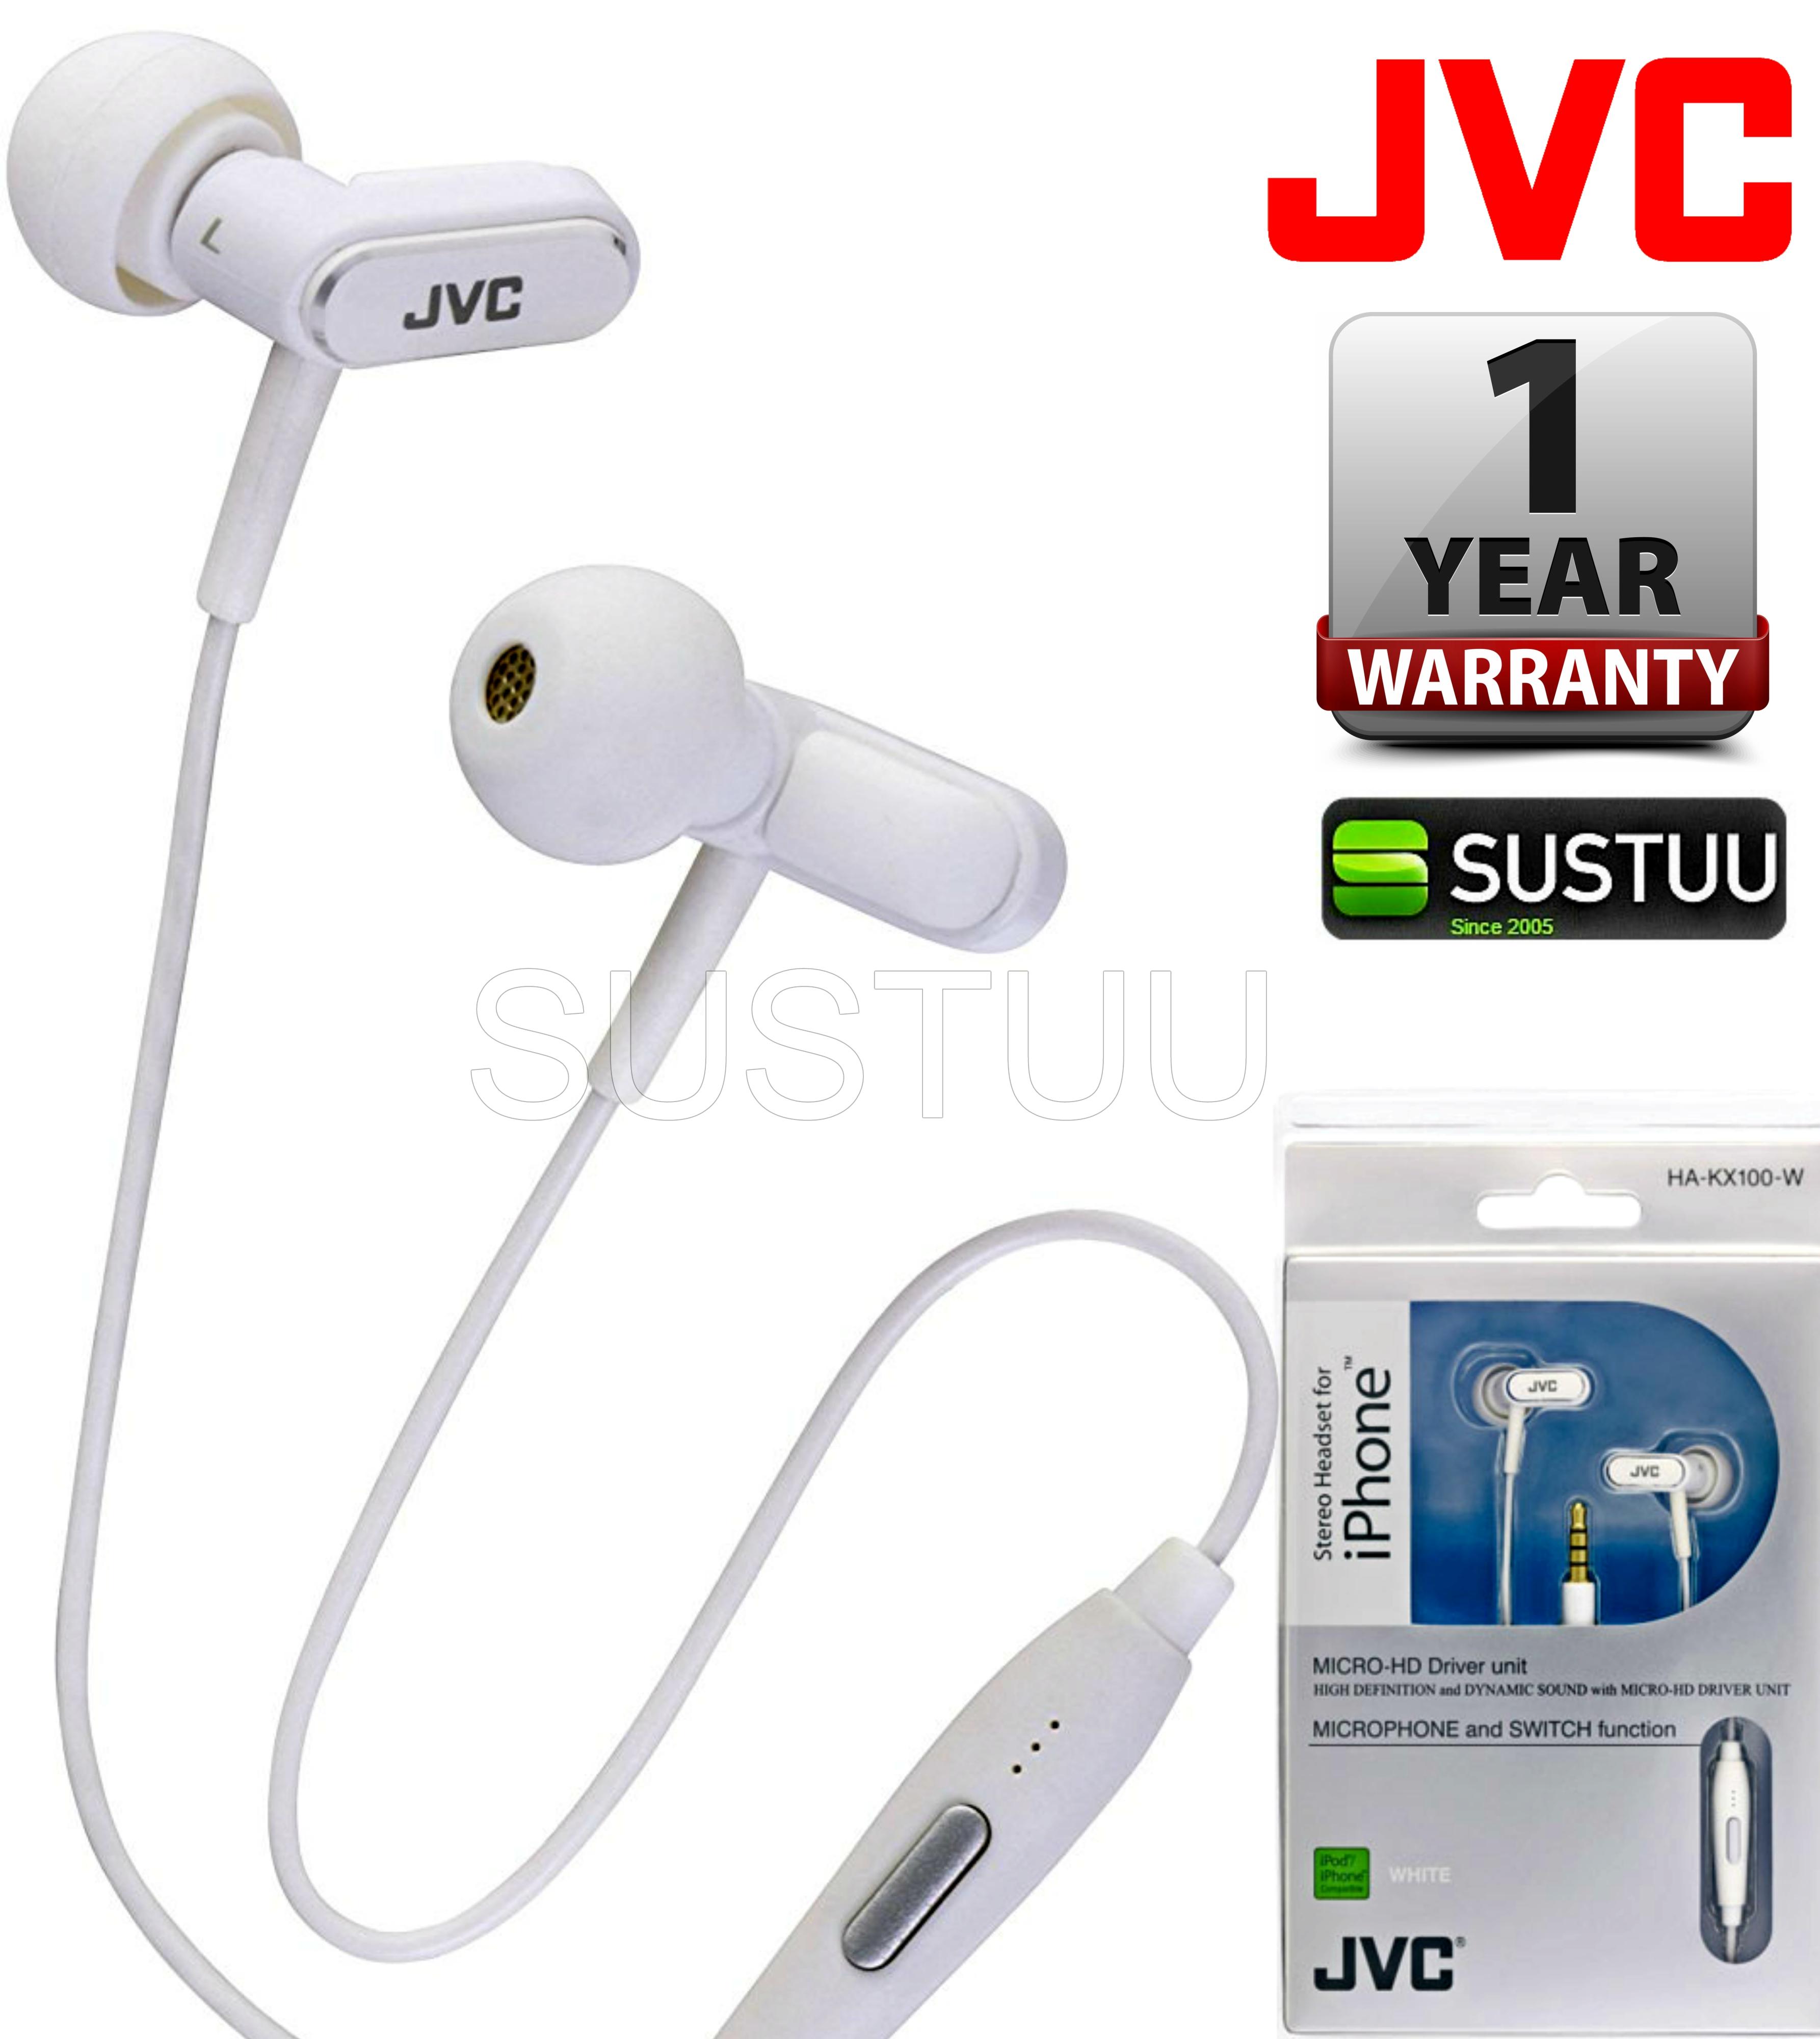 JVC HA-KX100-W In Ear Stereo Headset Headphone 3.5mm Jack for Apple iPhone iPod